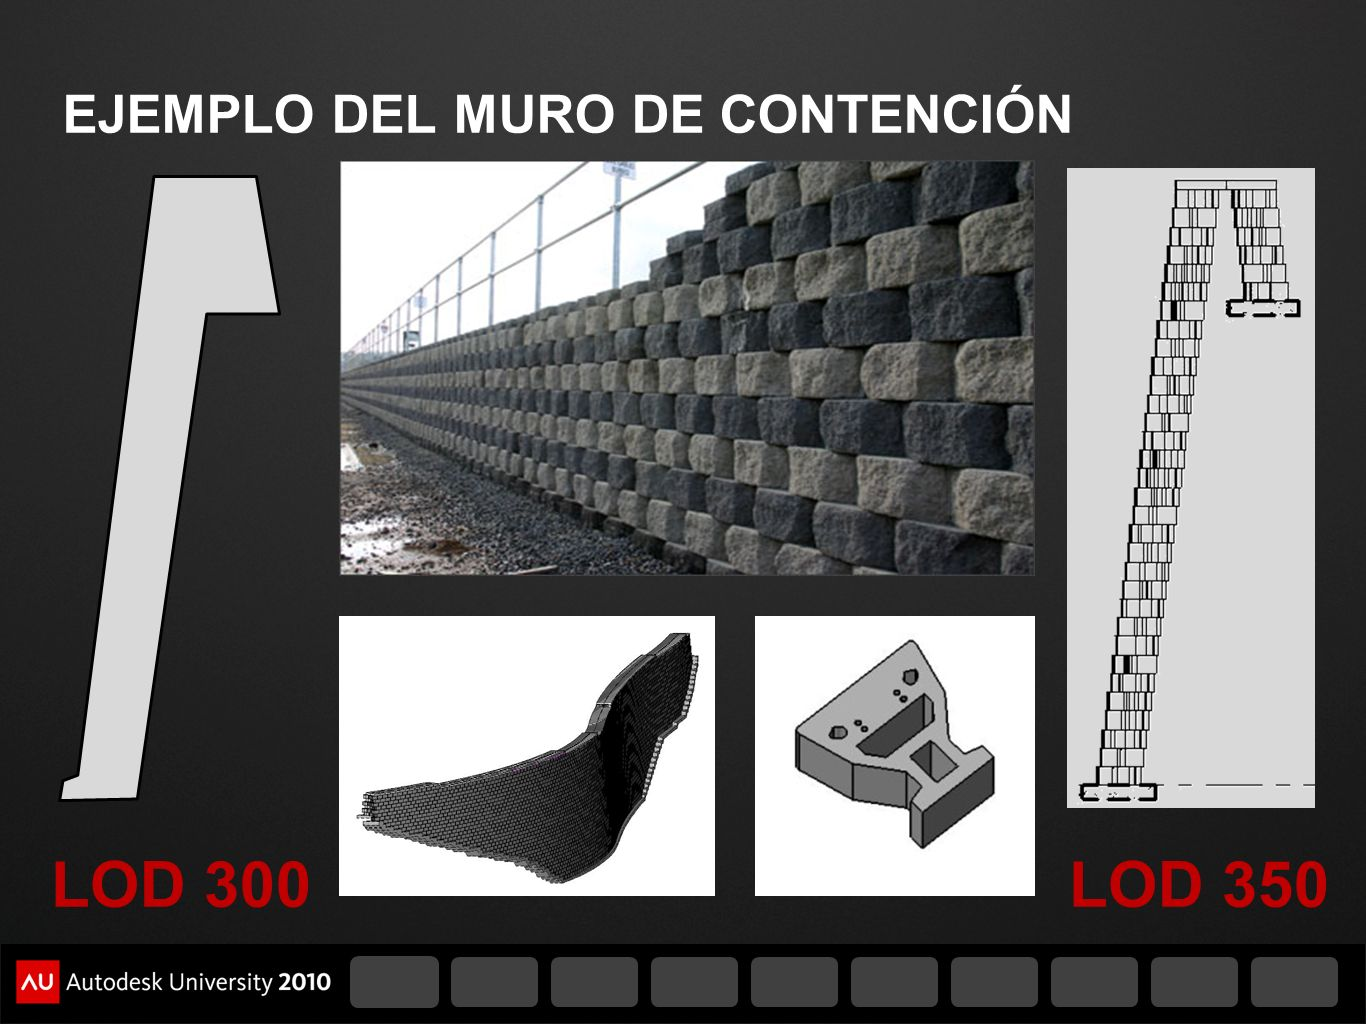 EJEMPLO DEL MURO DE CONTENCIÓN